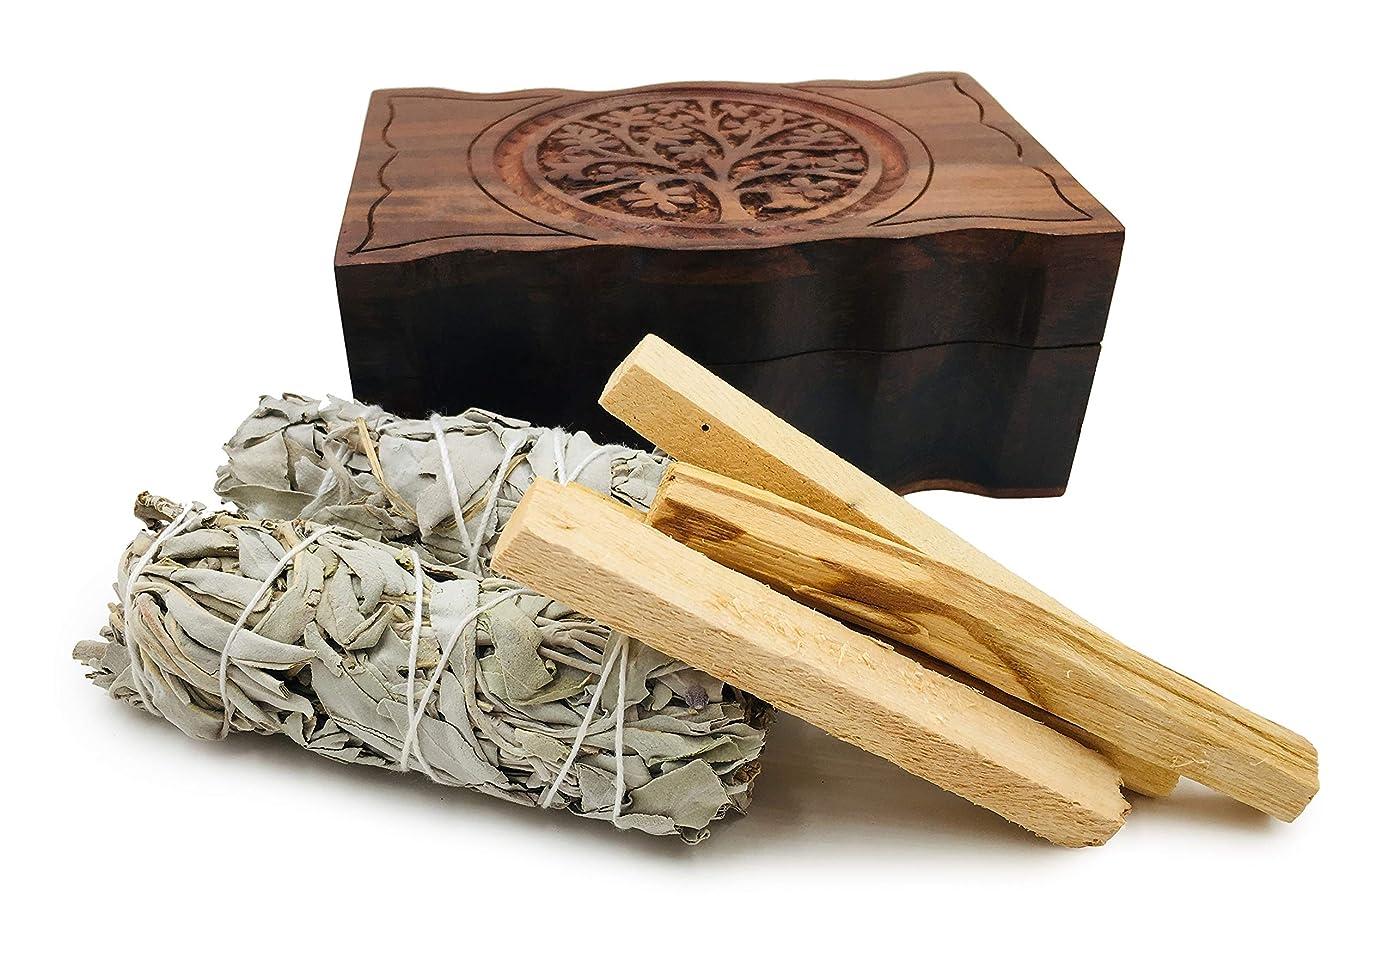 私たちのもの民間圧縮するオルタナティブイマジネーション彫刻ツリーオブライフ木製ボックス、カリフォルニアホワイトセージ2個とパロサント香4個付き